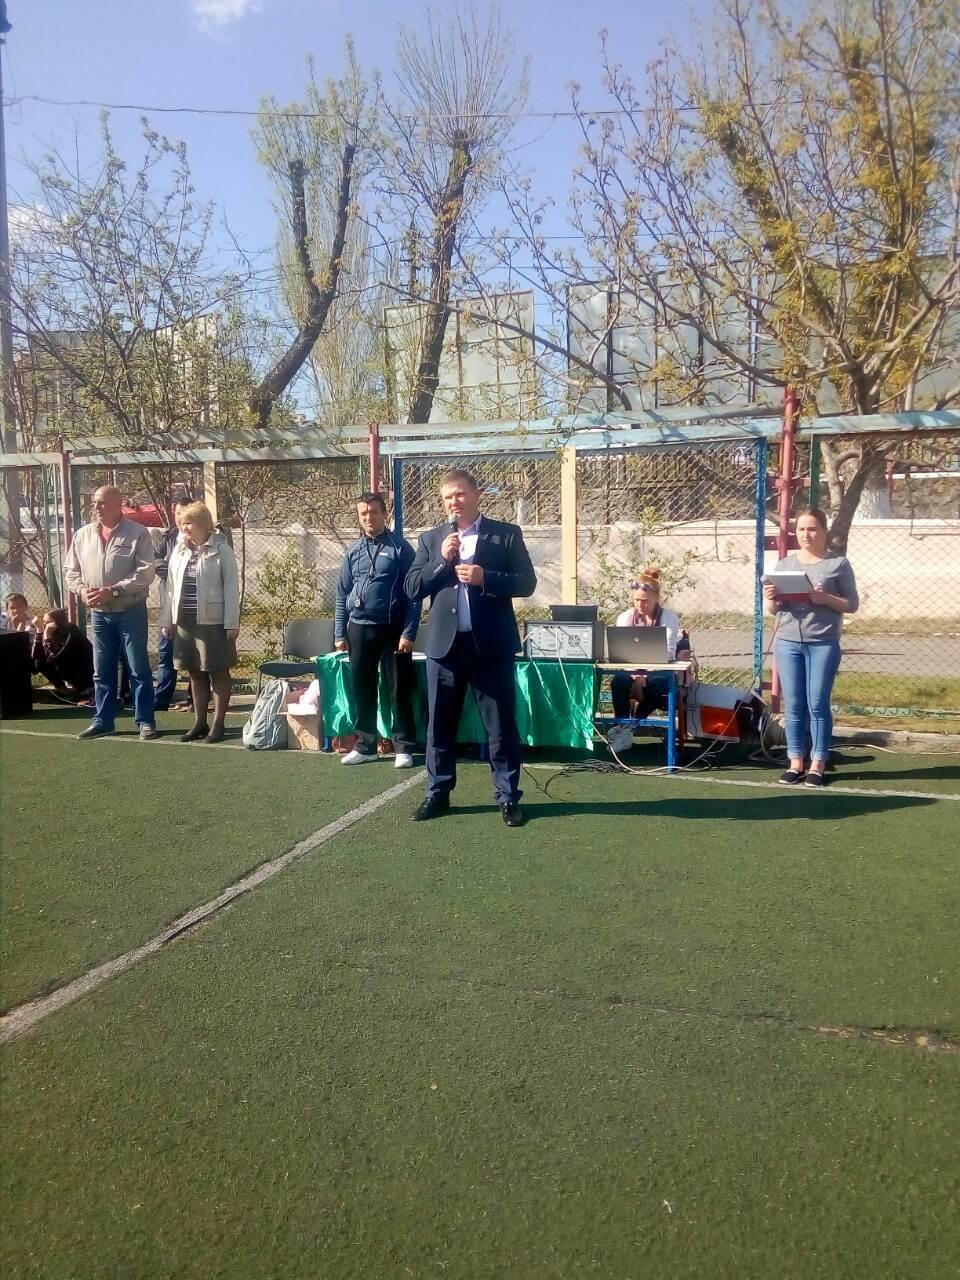 В Николаеве прошел семейный фестиваль  «Папа, мама, я - спортивная семья», - ФОТО, фото-5